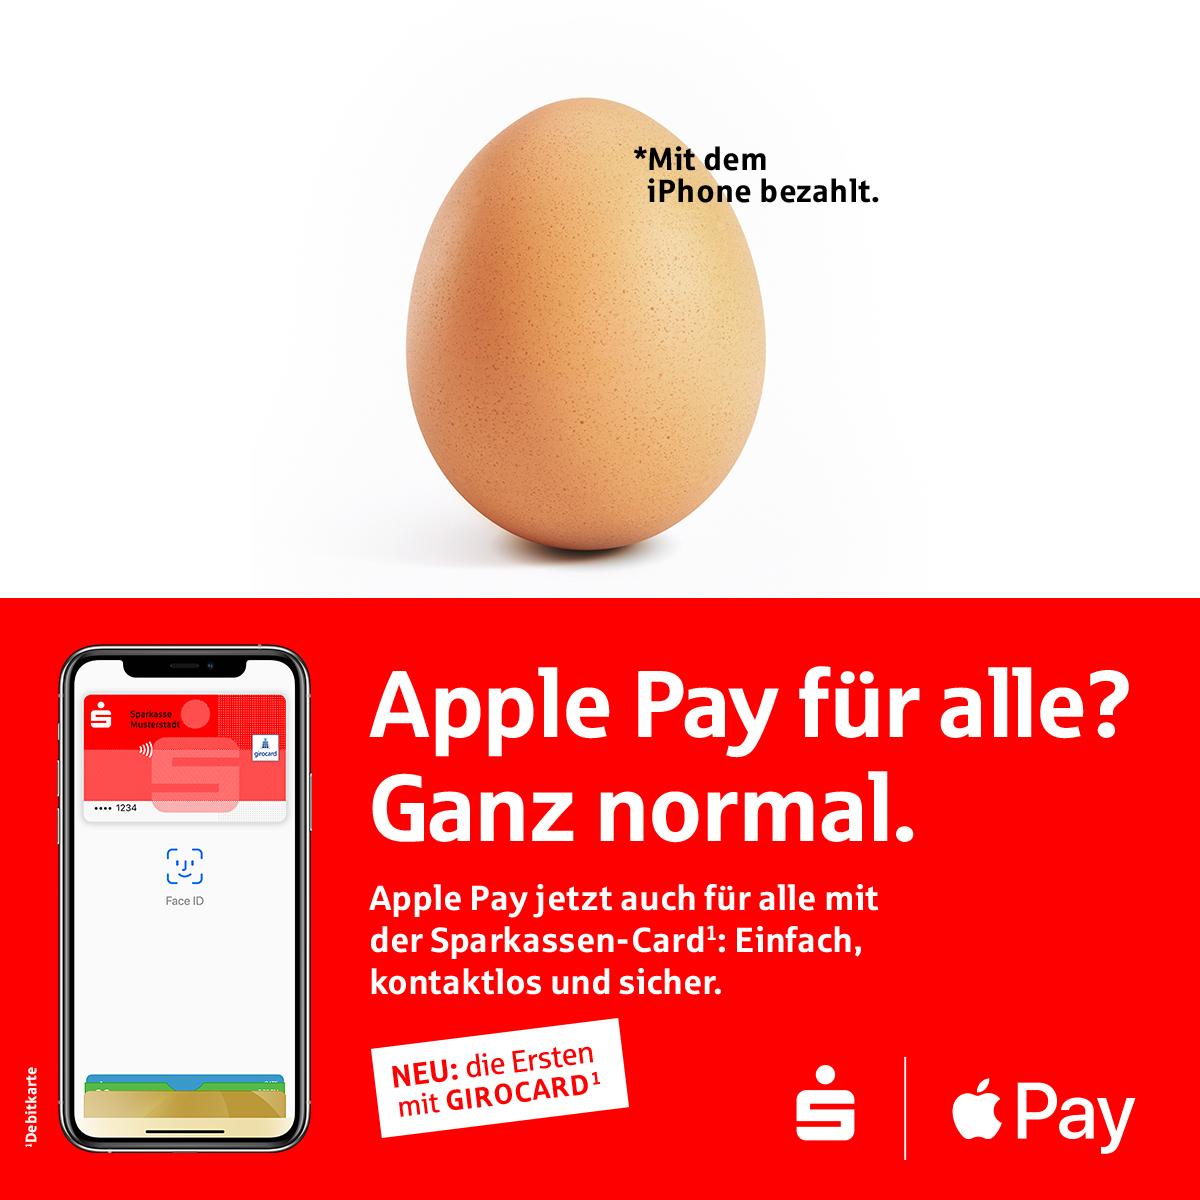 Sparkasse, Apple Pay girocard entegrasyonunu tamamladı